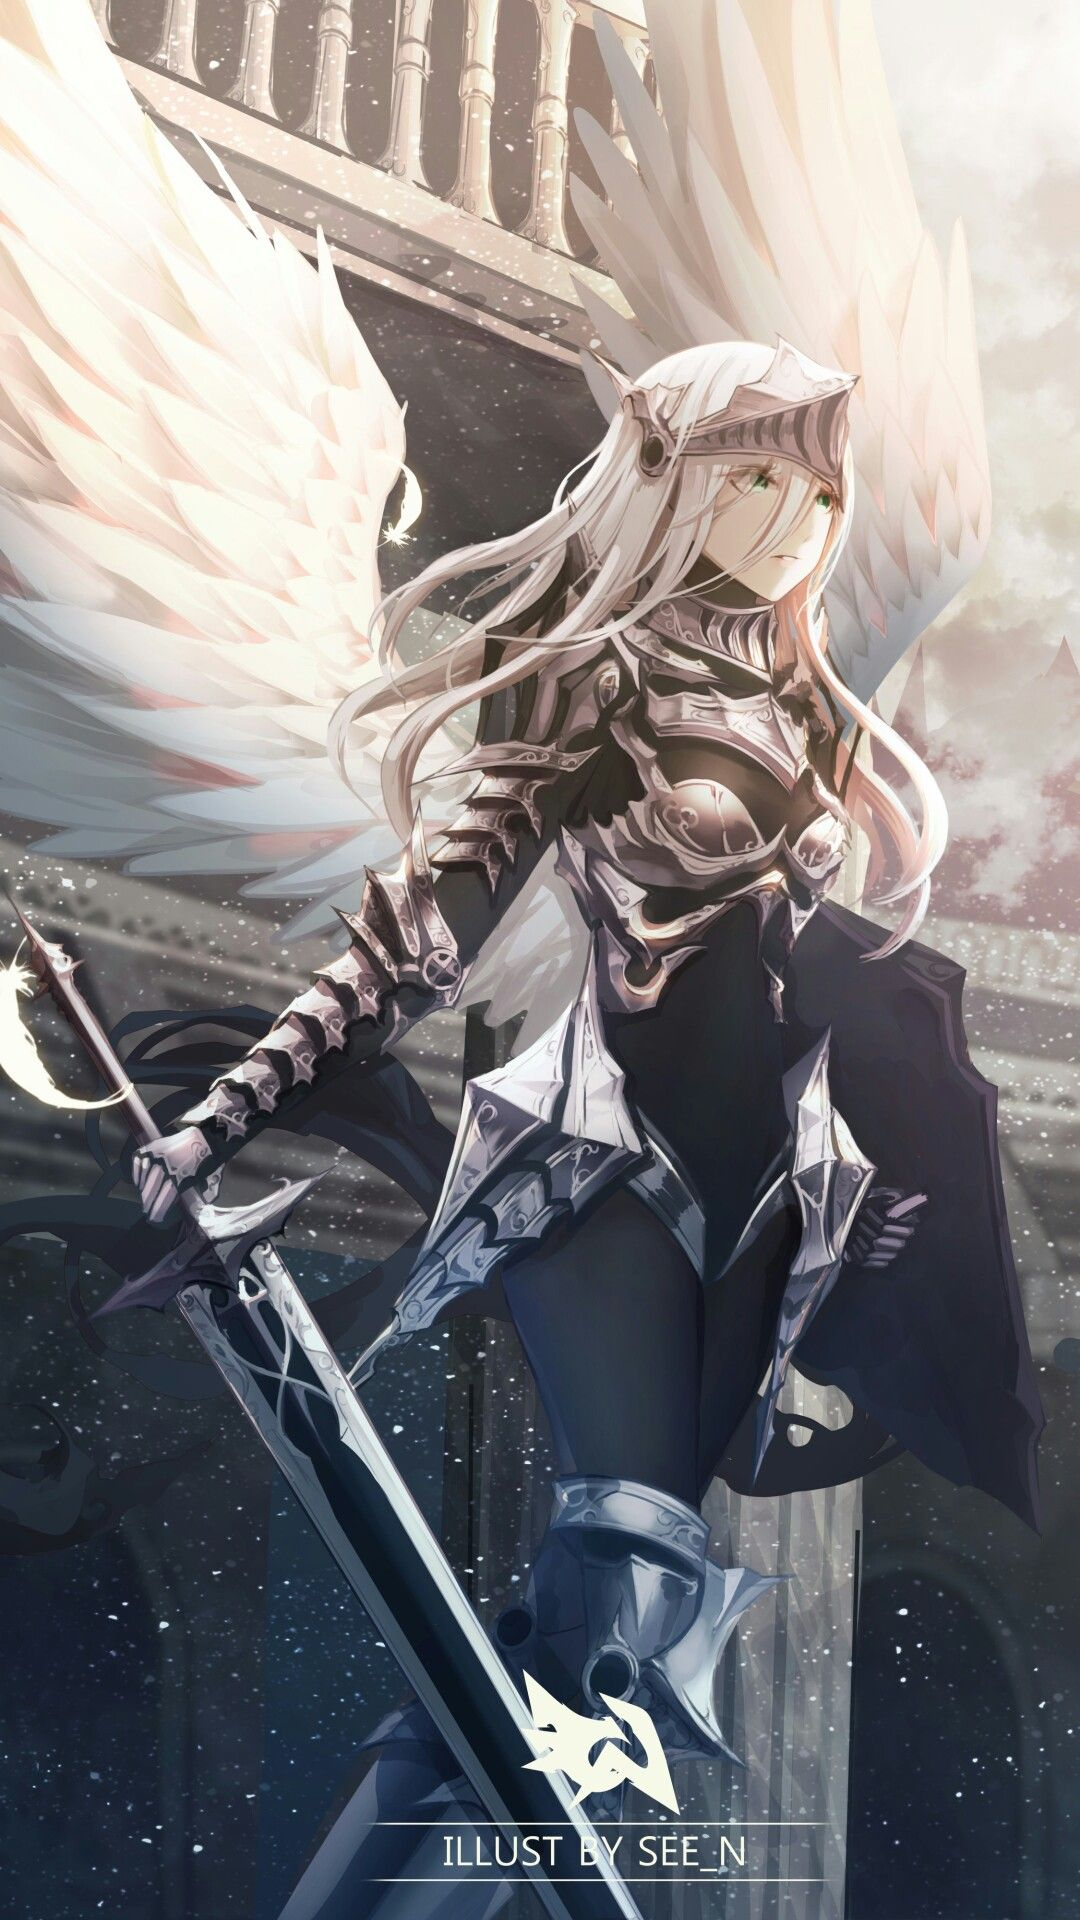 Pin By Paci On Names Anime Warrior Anime Angel Anime Art Girl